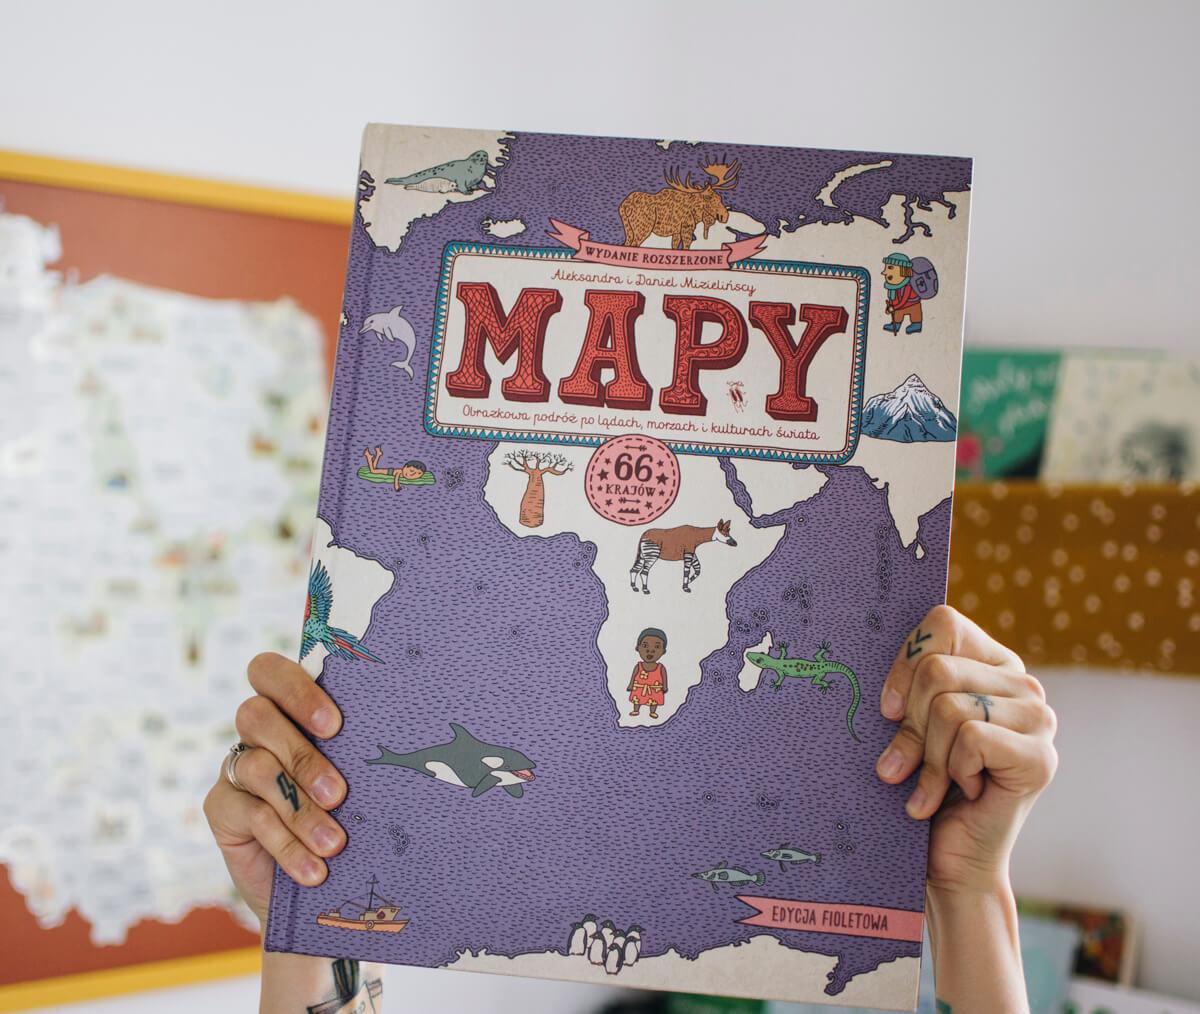 Najciekawsze książki popularno-naukowe dla dzieci - historia, geografia, podróże